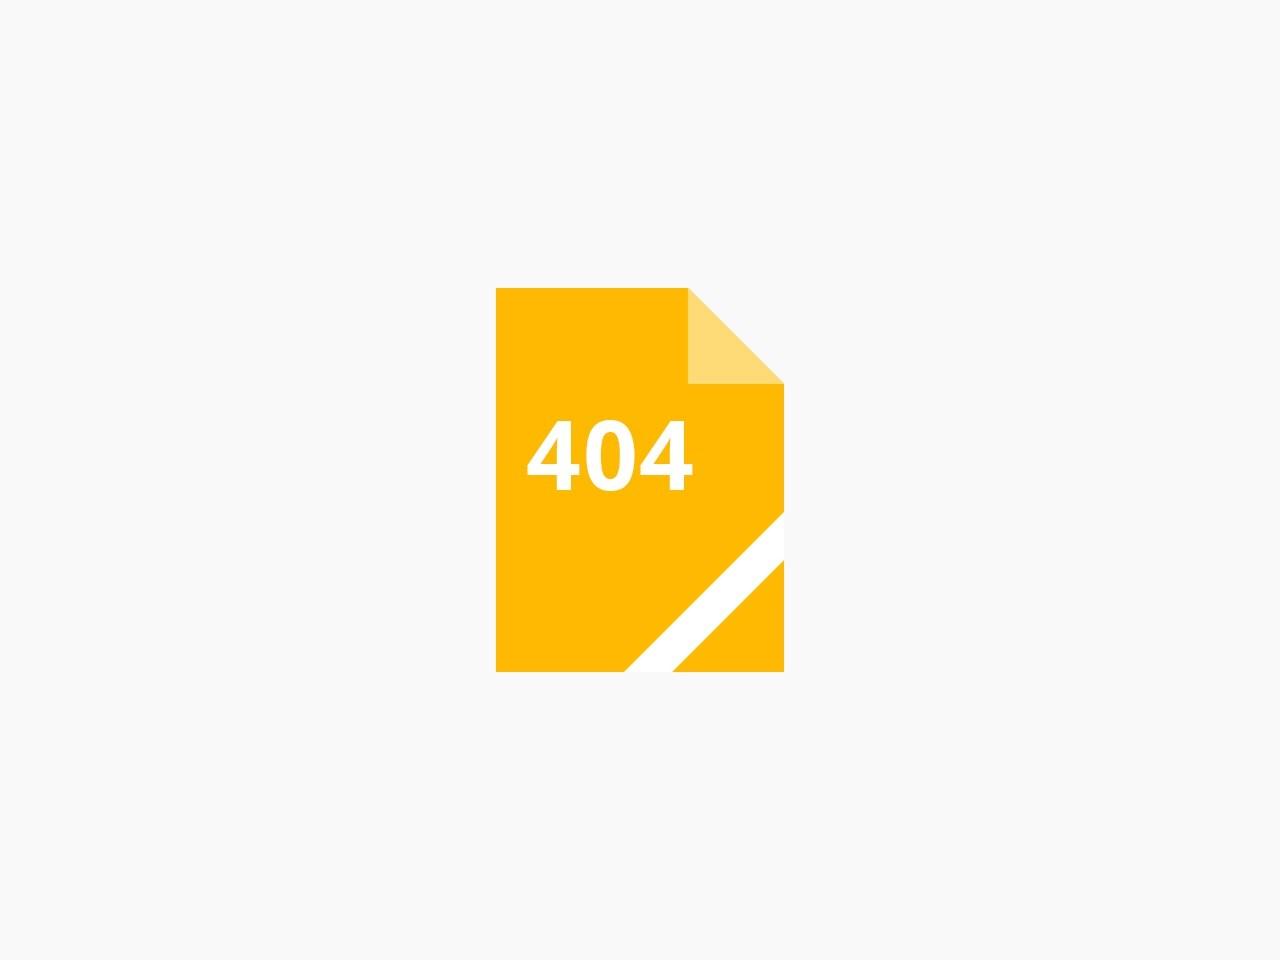 360健康_全心全意为健康服务_360旗下医药品牌